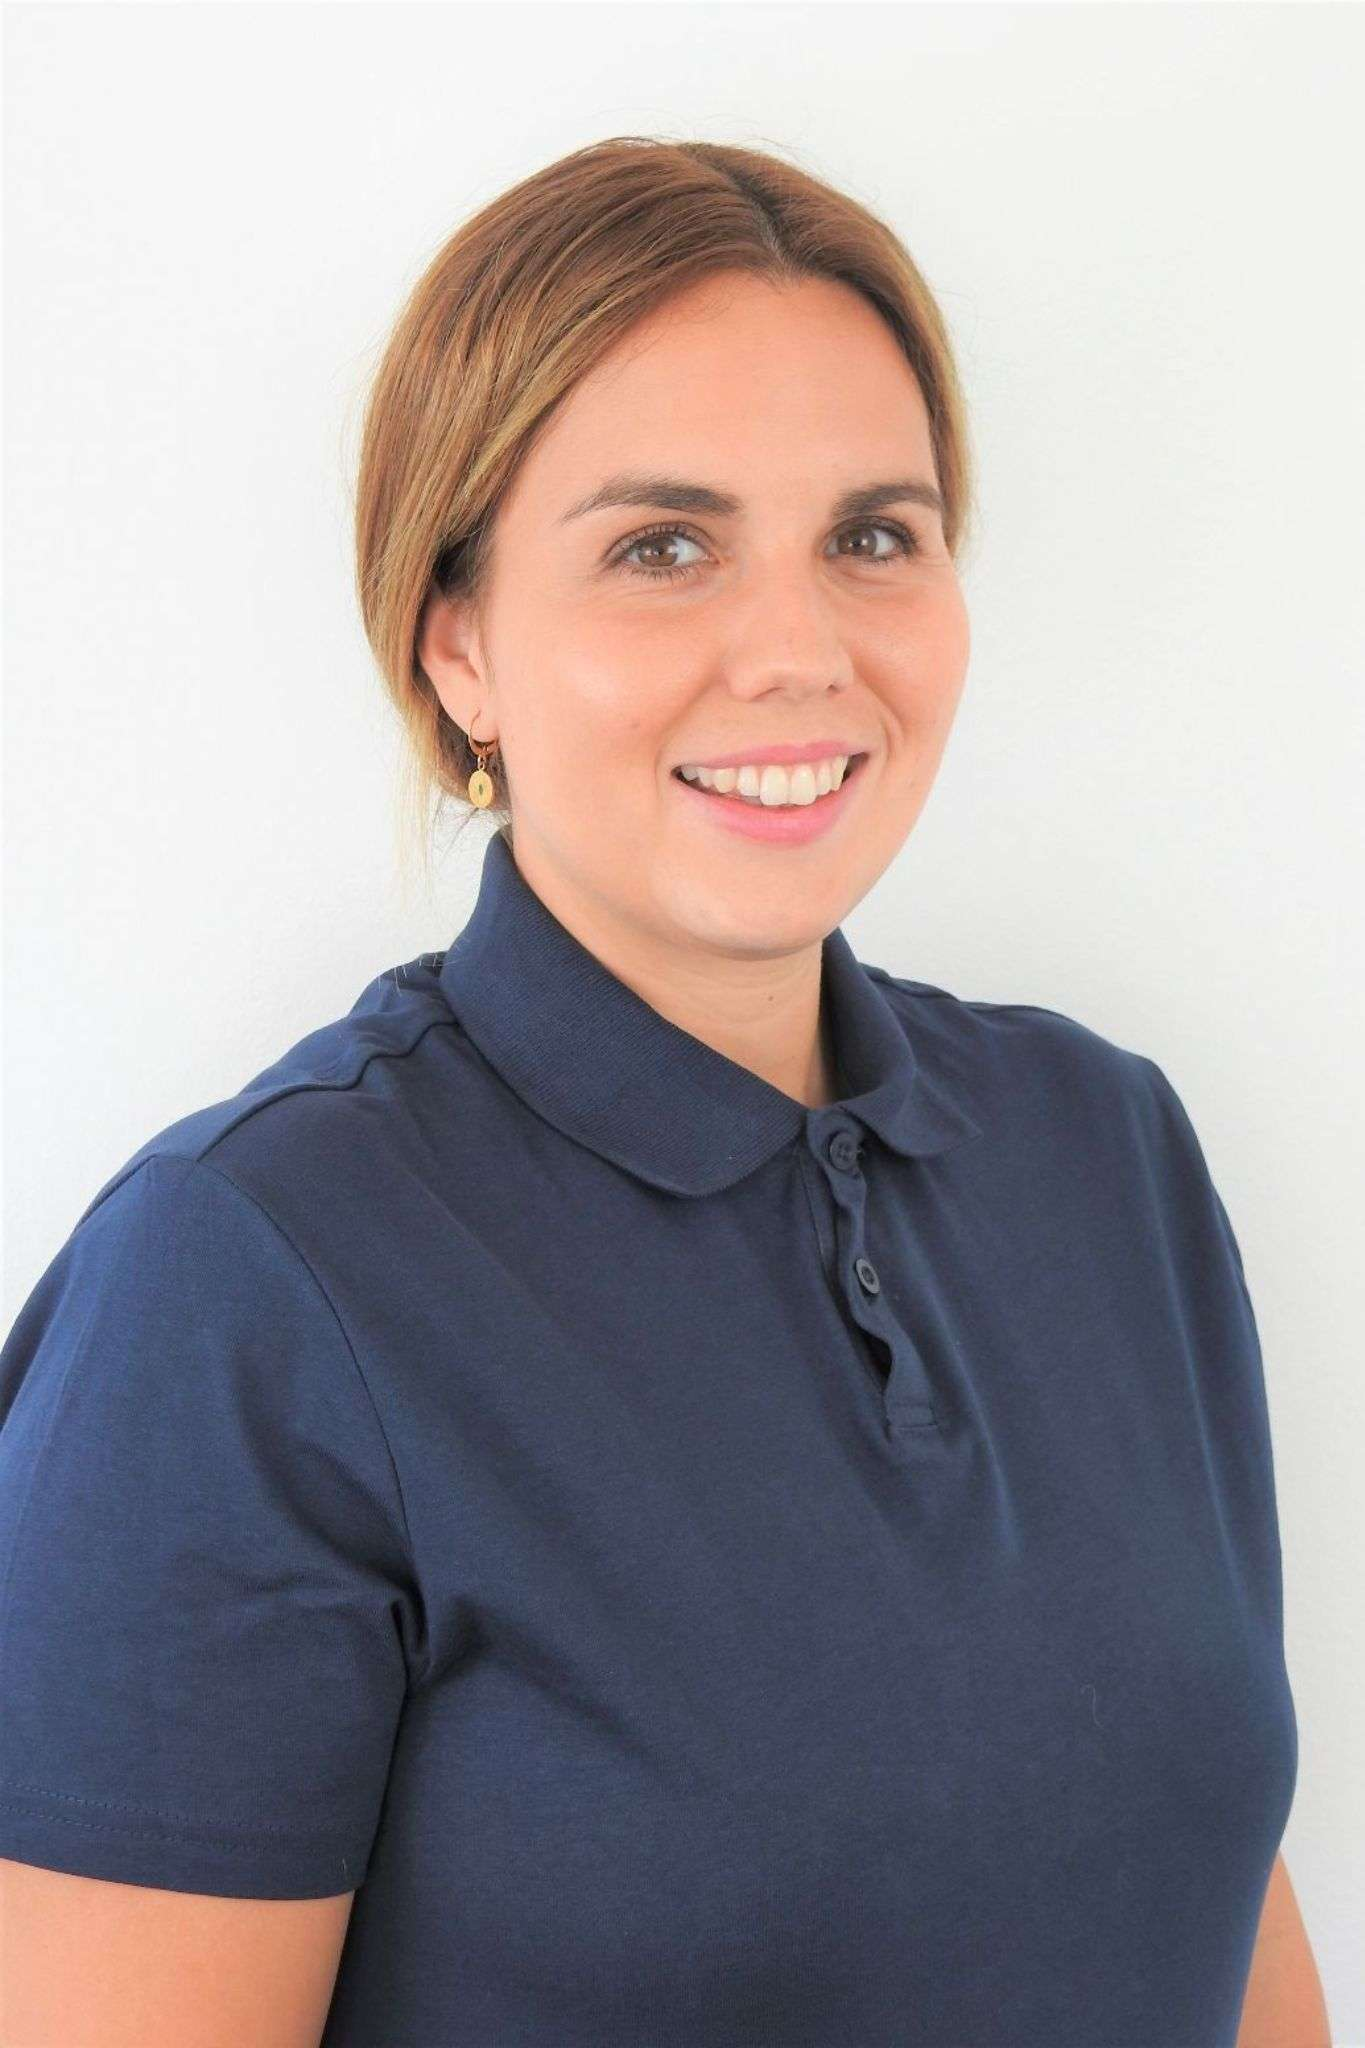 Karin Zwygart